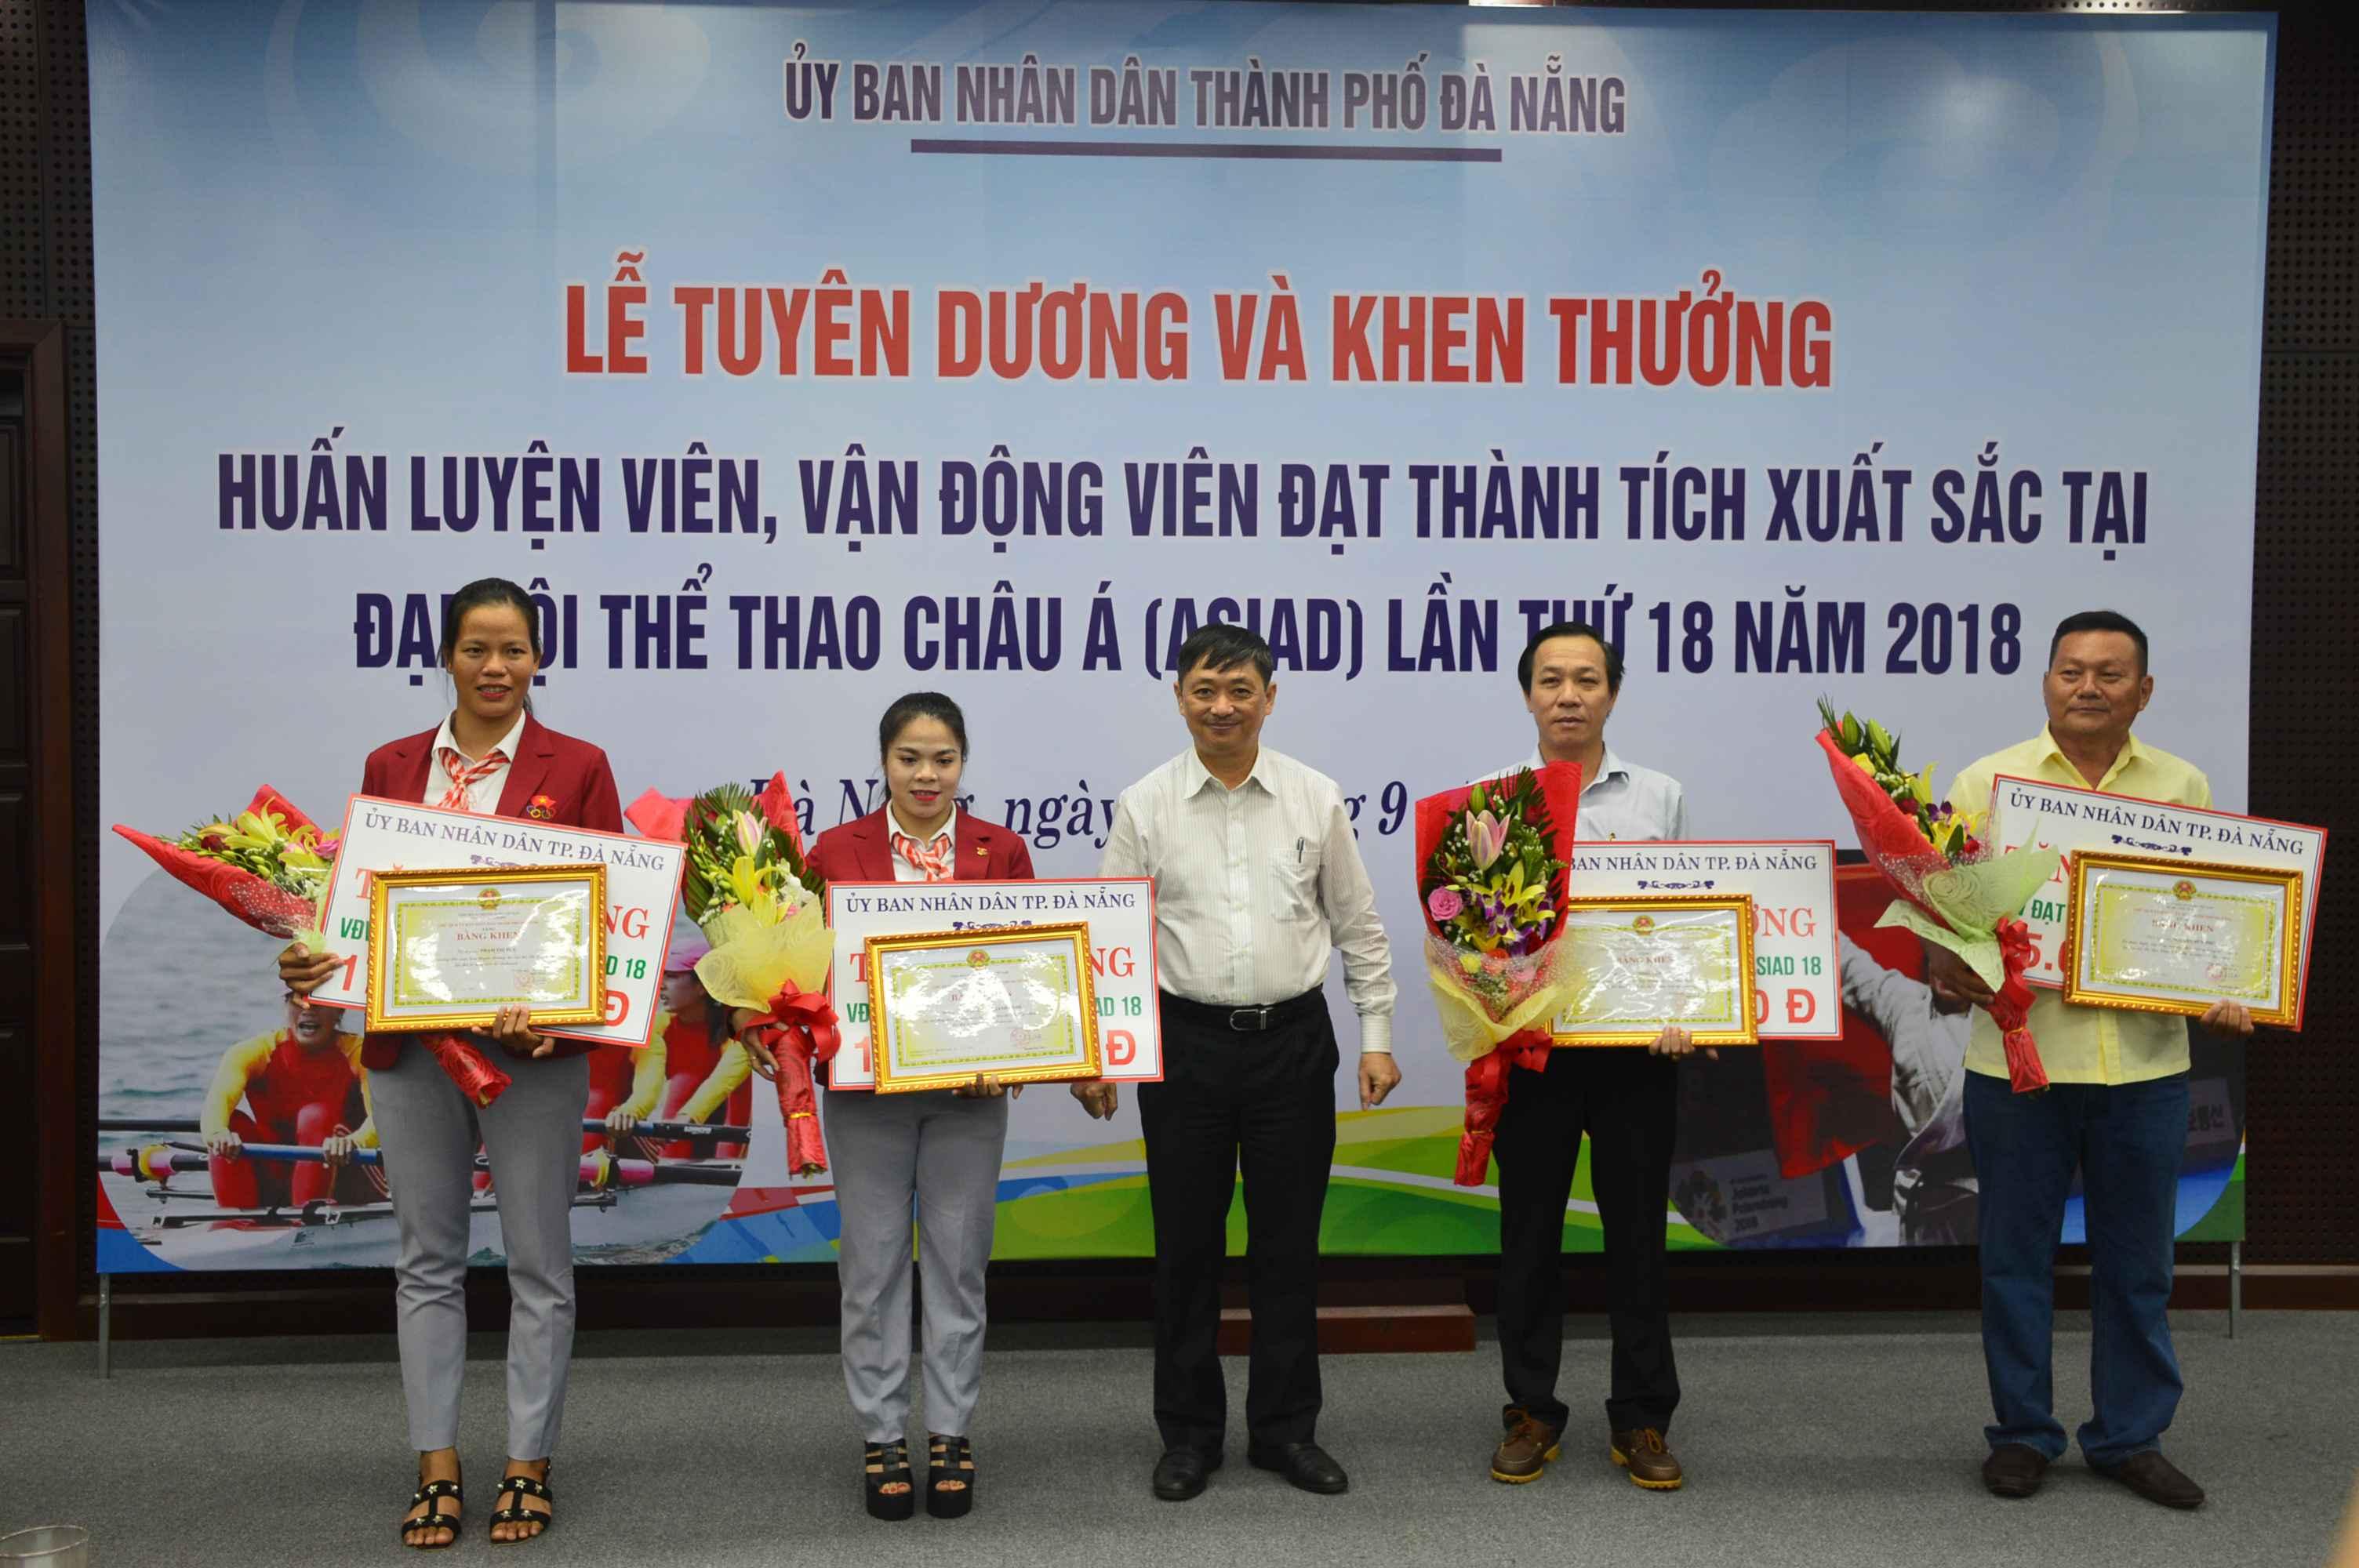 Đà Nẵng có 2 vận động viên đạt huy chương tại ASIAD 2018. Ảnh: Q.T